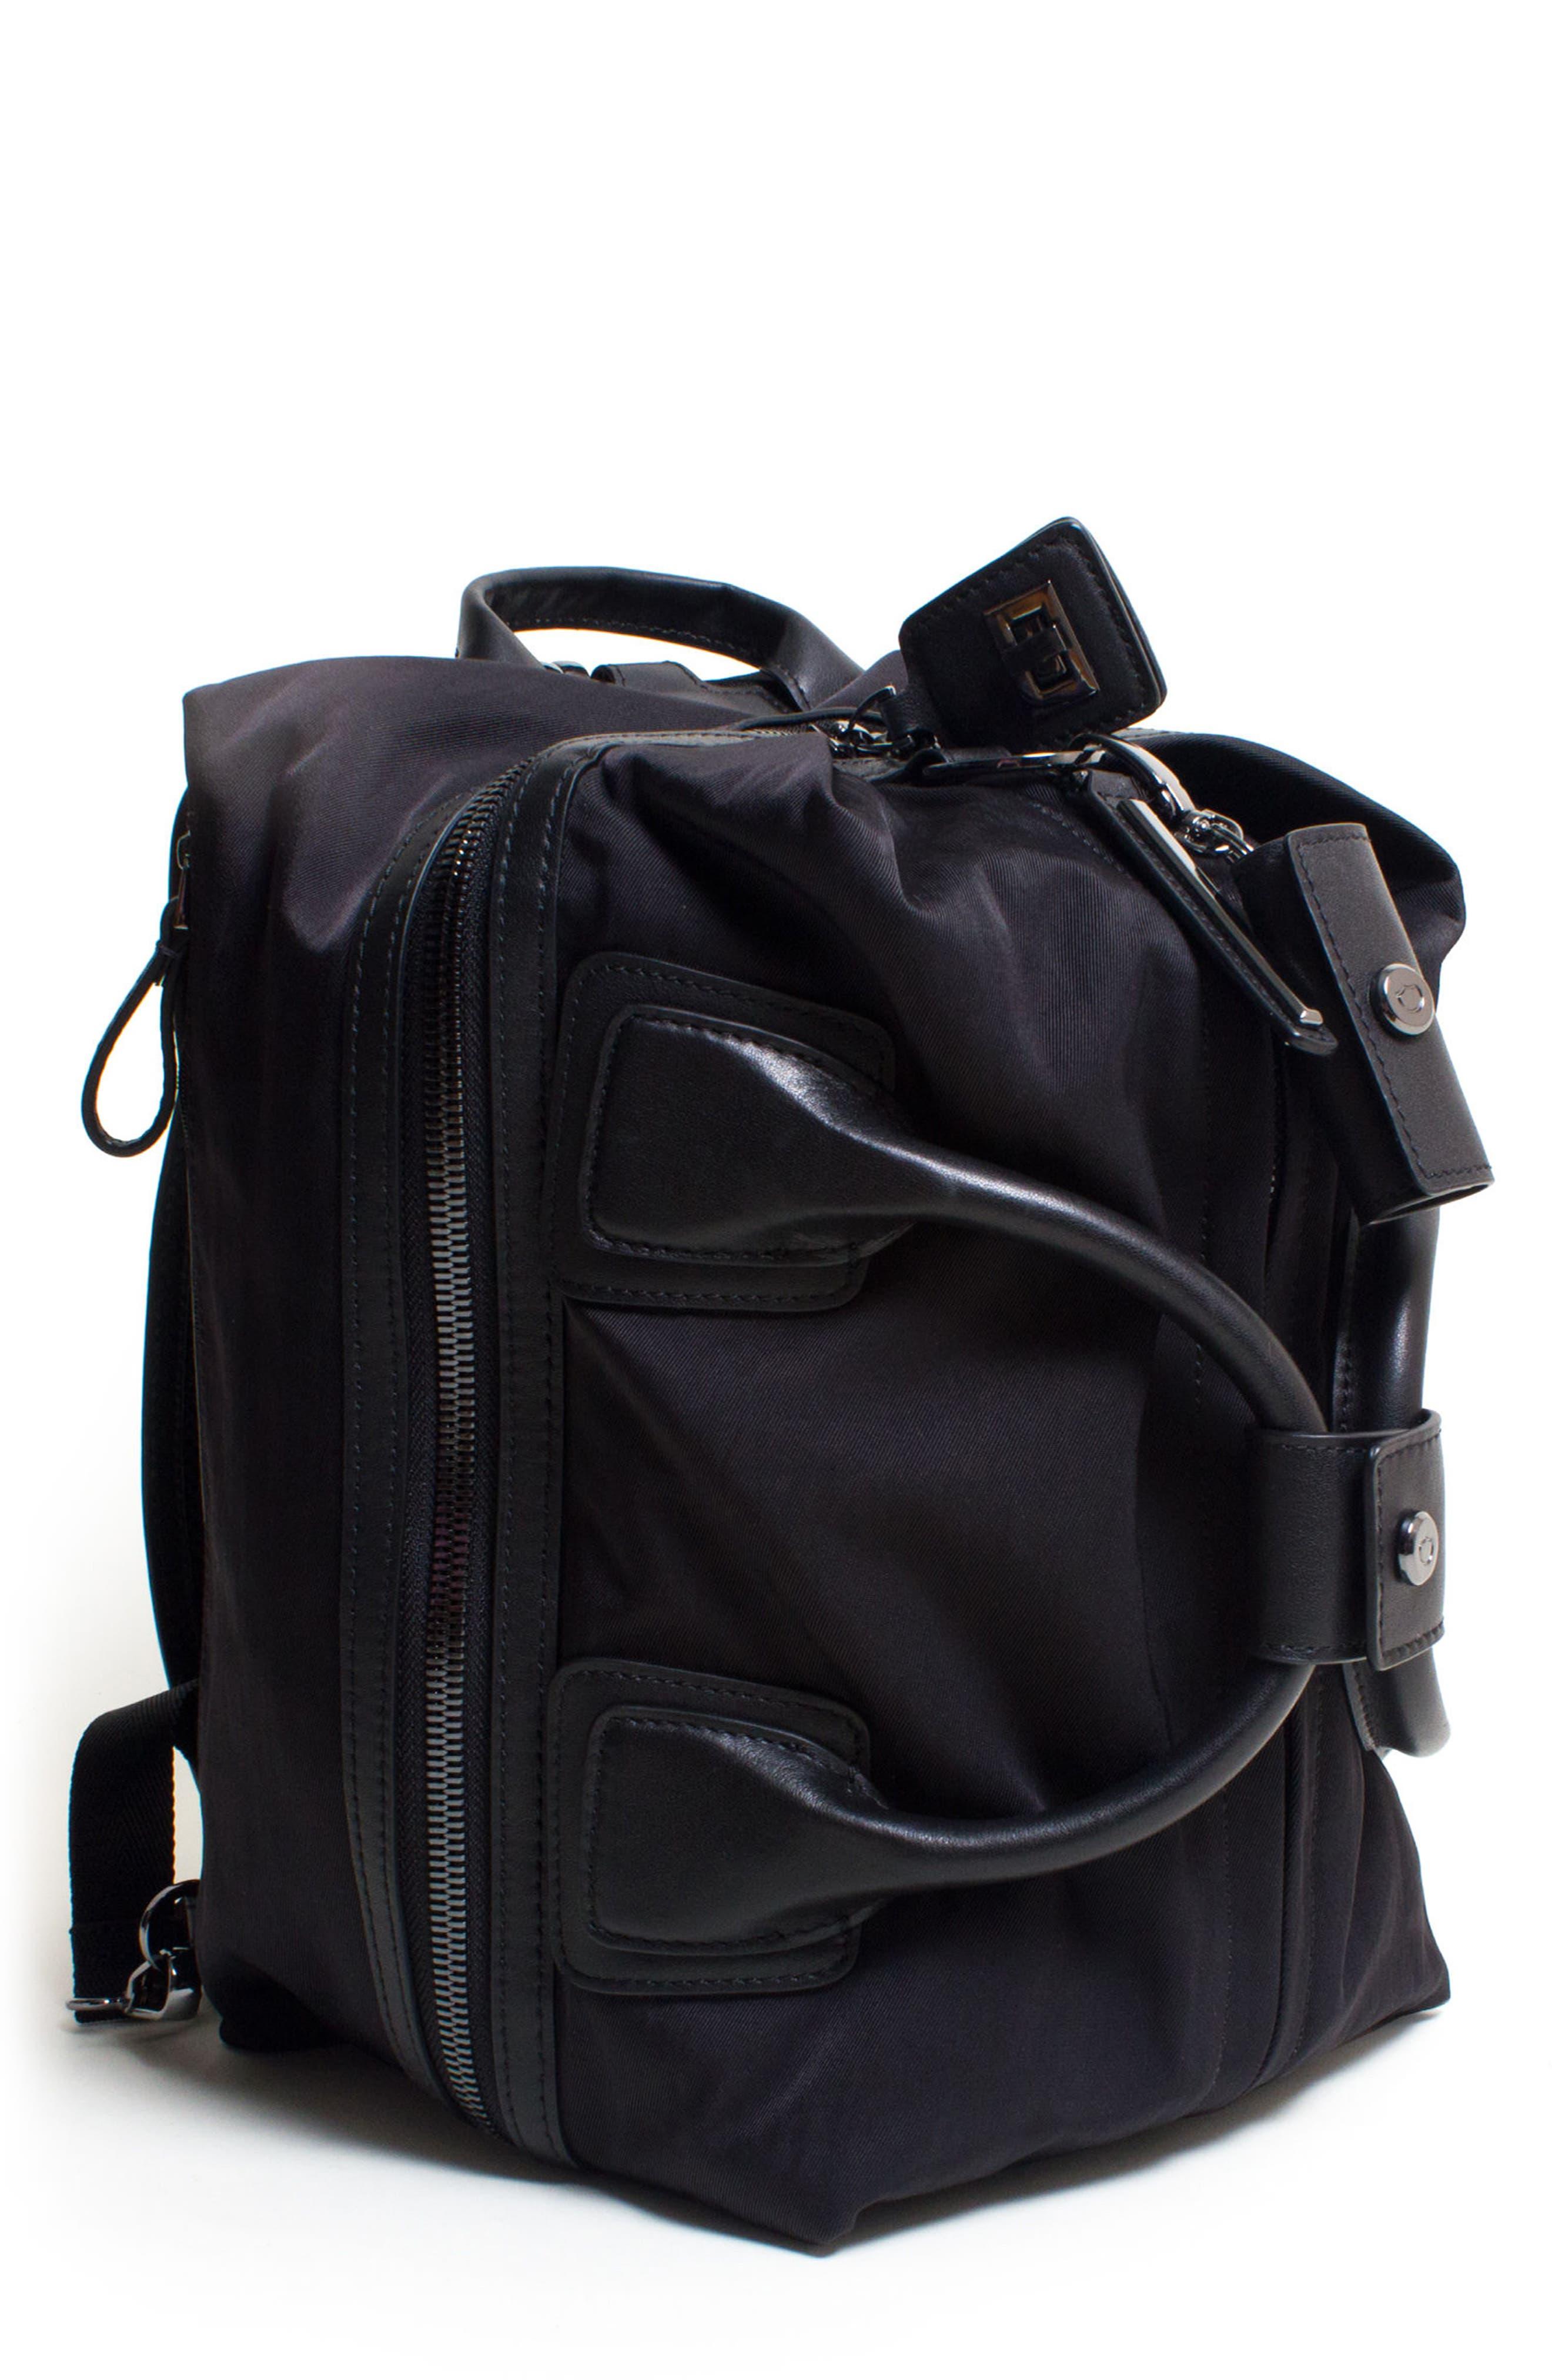 Caraa Studio Duffel Backpack